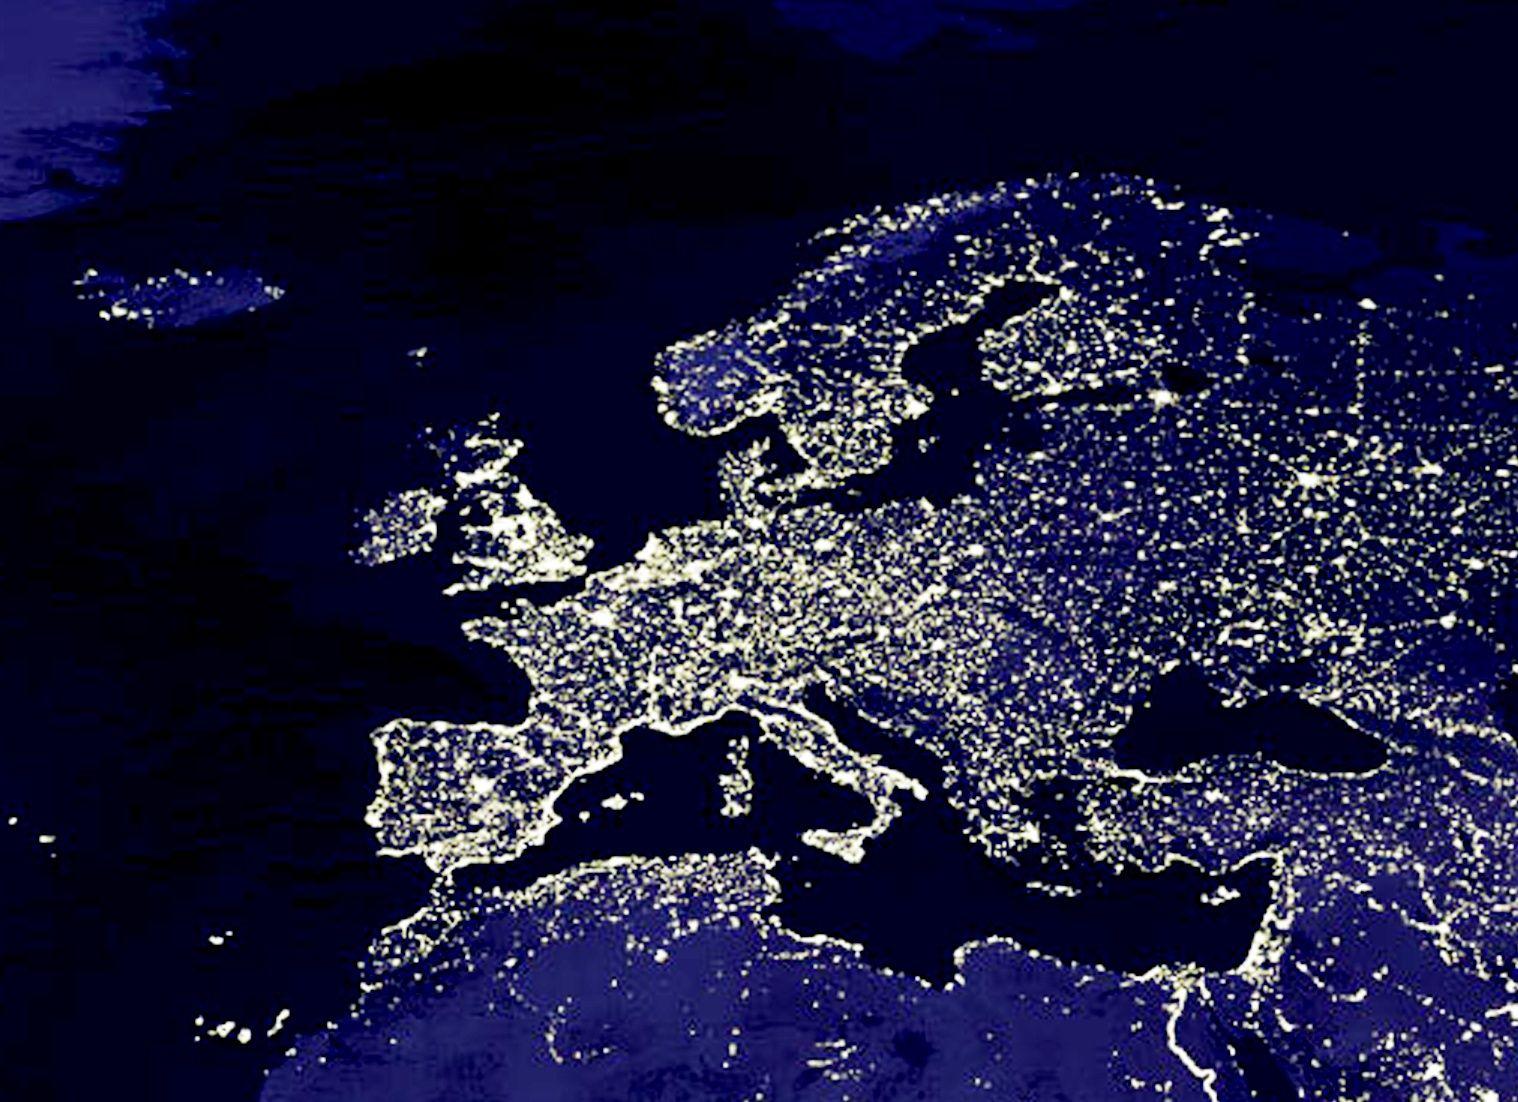 NICHT VERWENDEN Europa Satellitenbild Eurasien